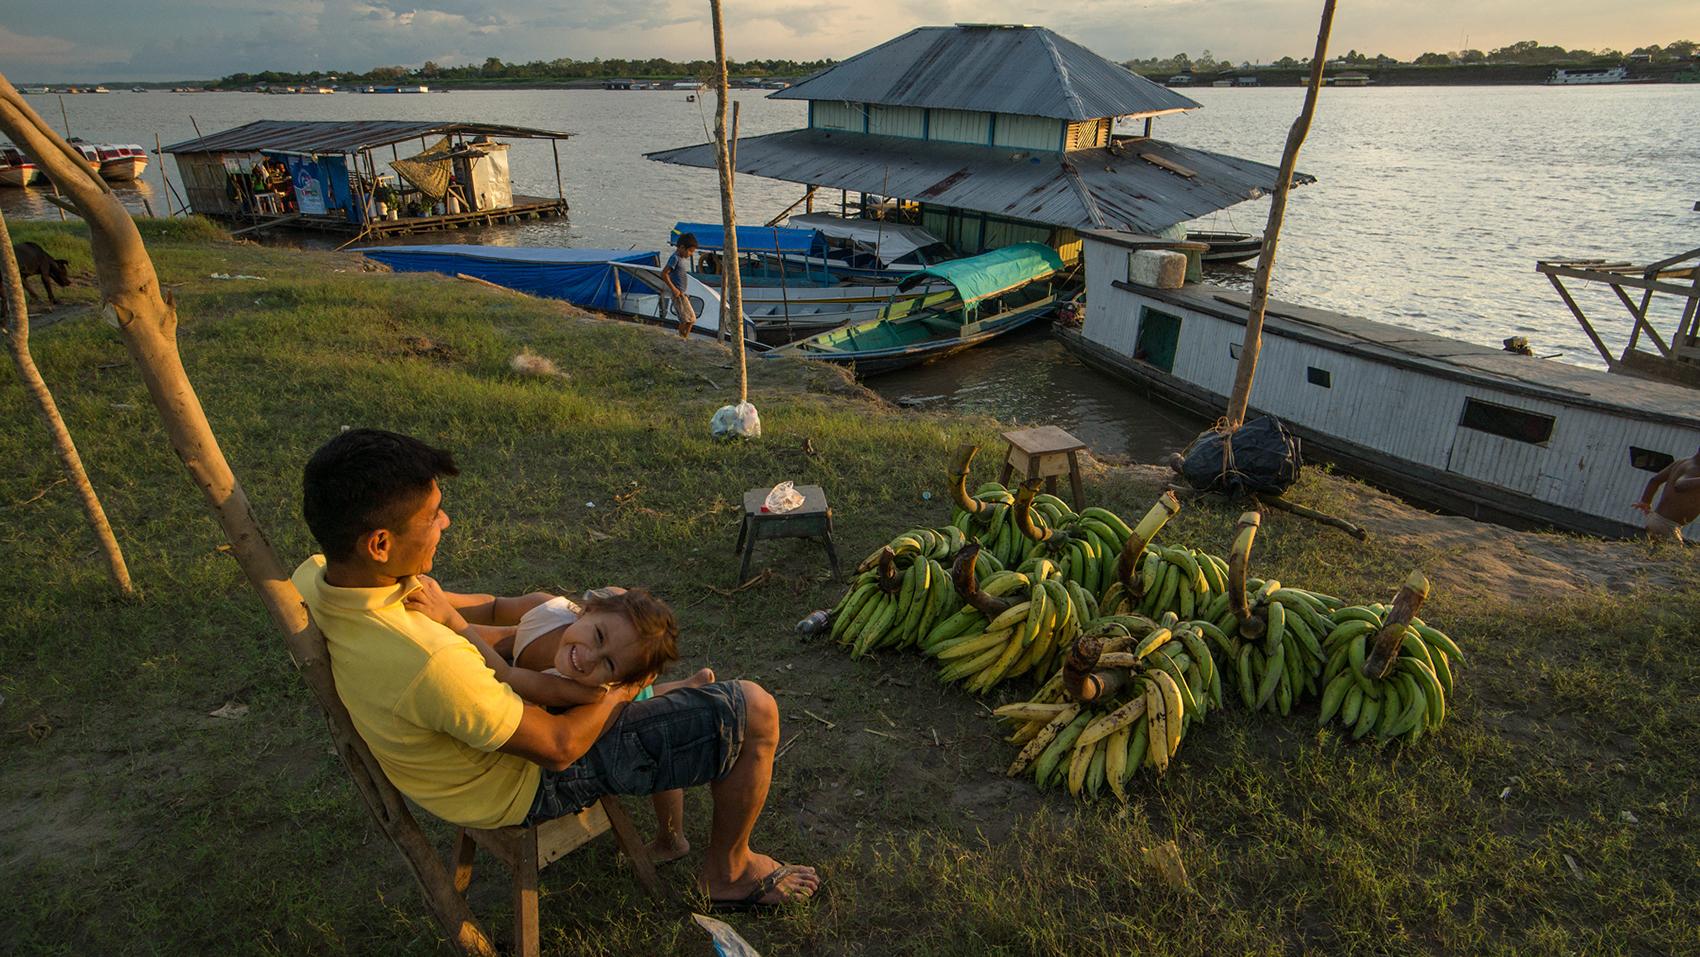 Colombia, il Rio delle Amazzoni a Leticia